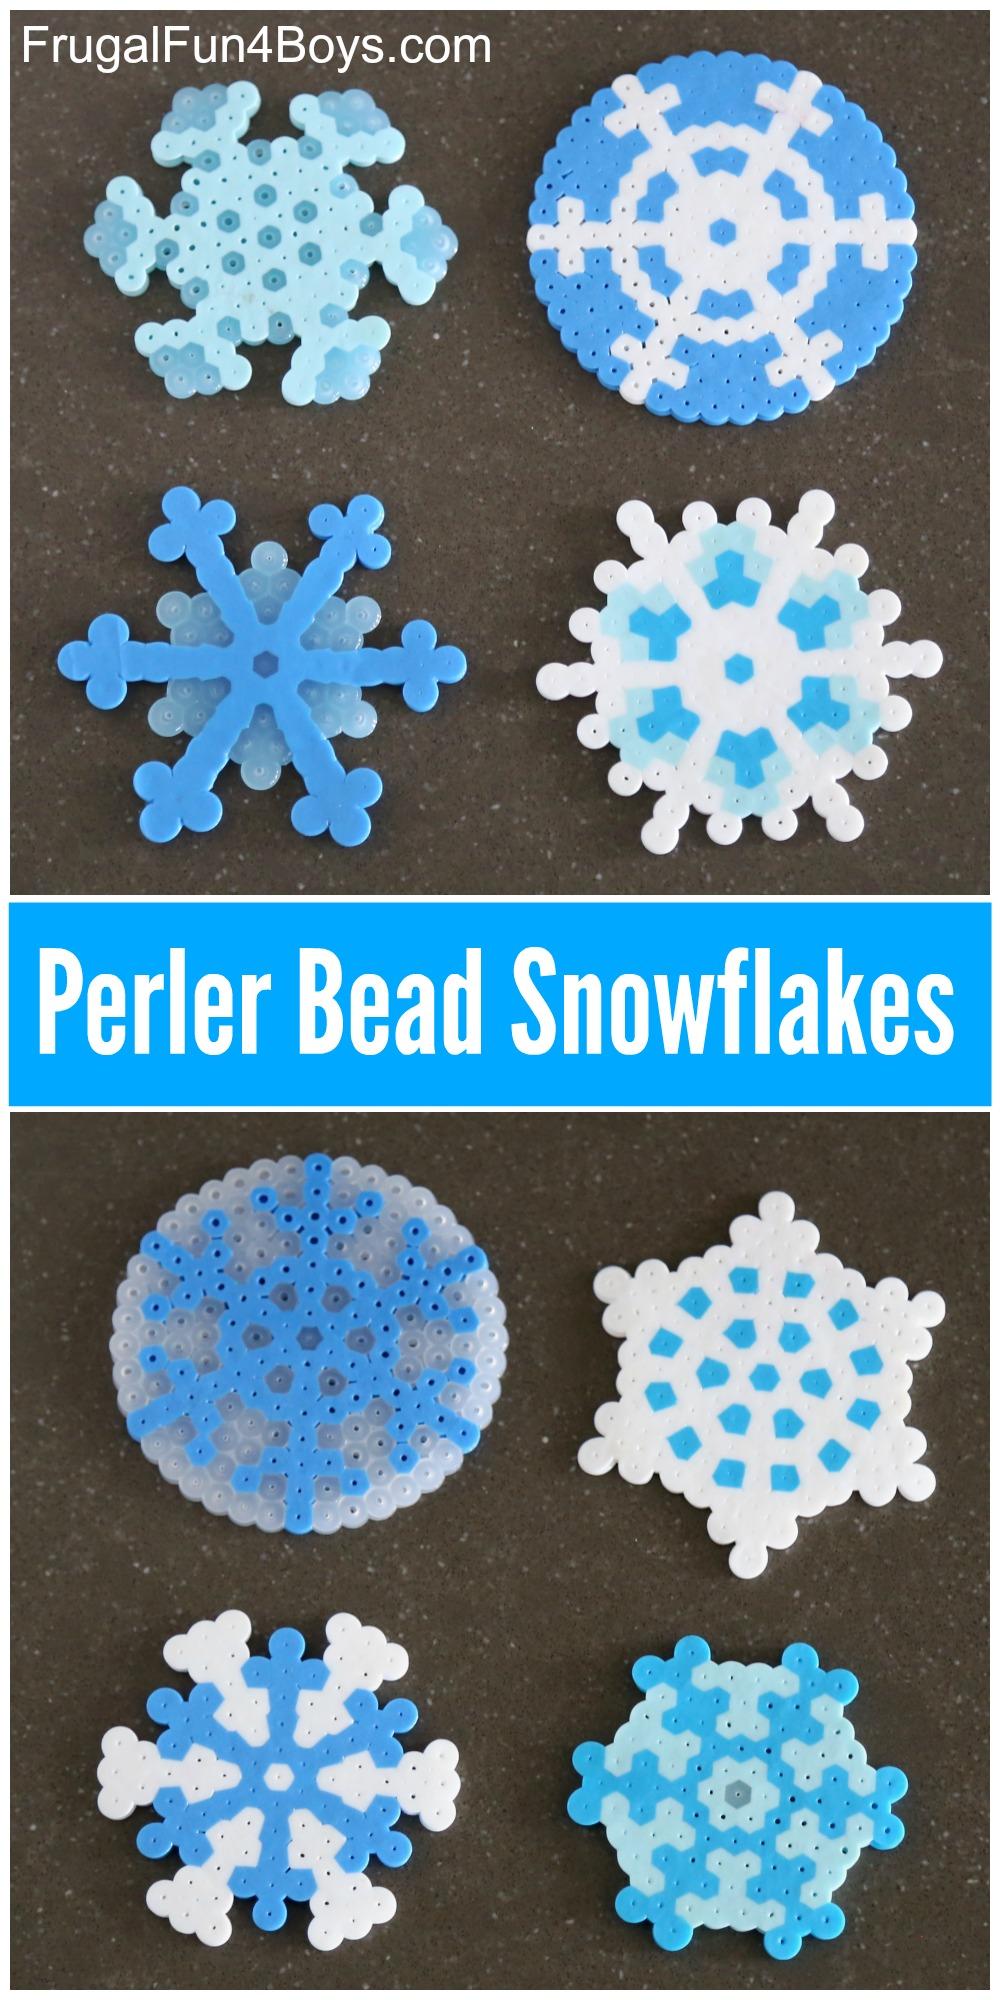 Perler bead snowflake patterns